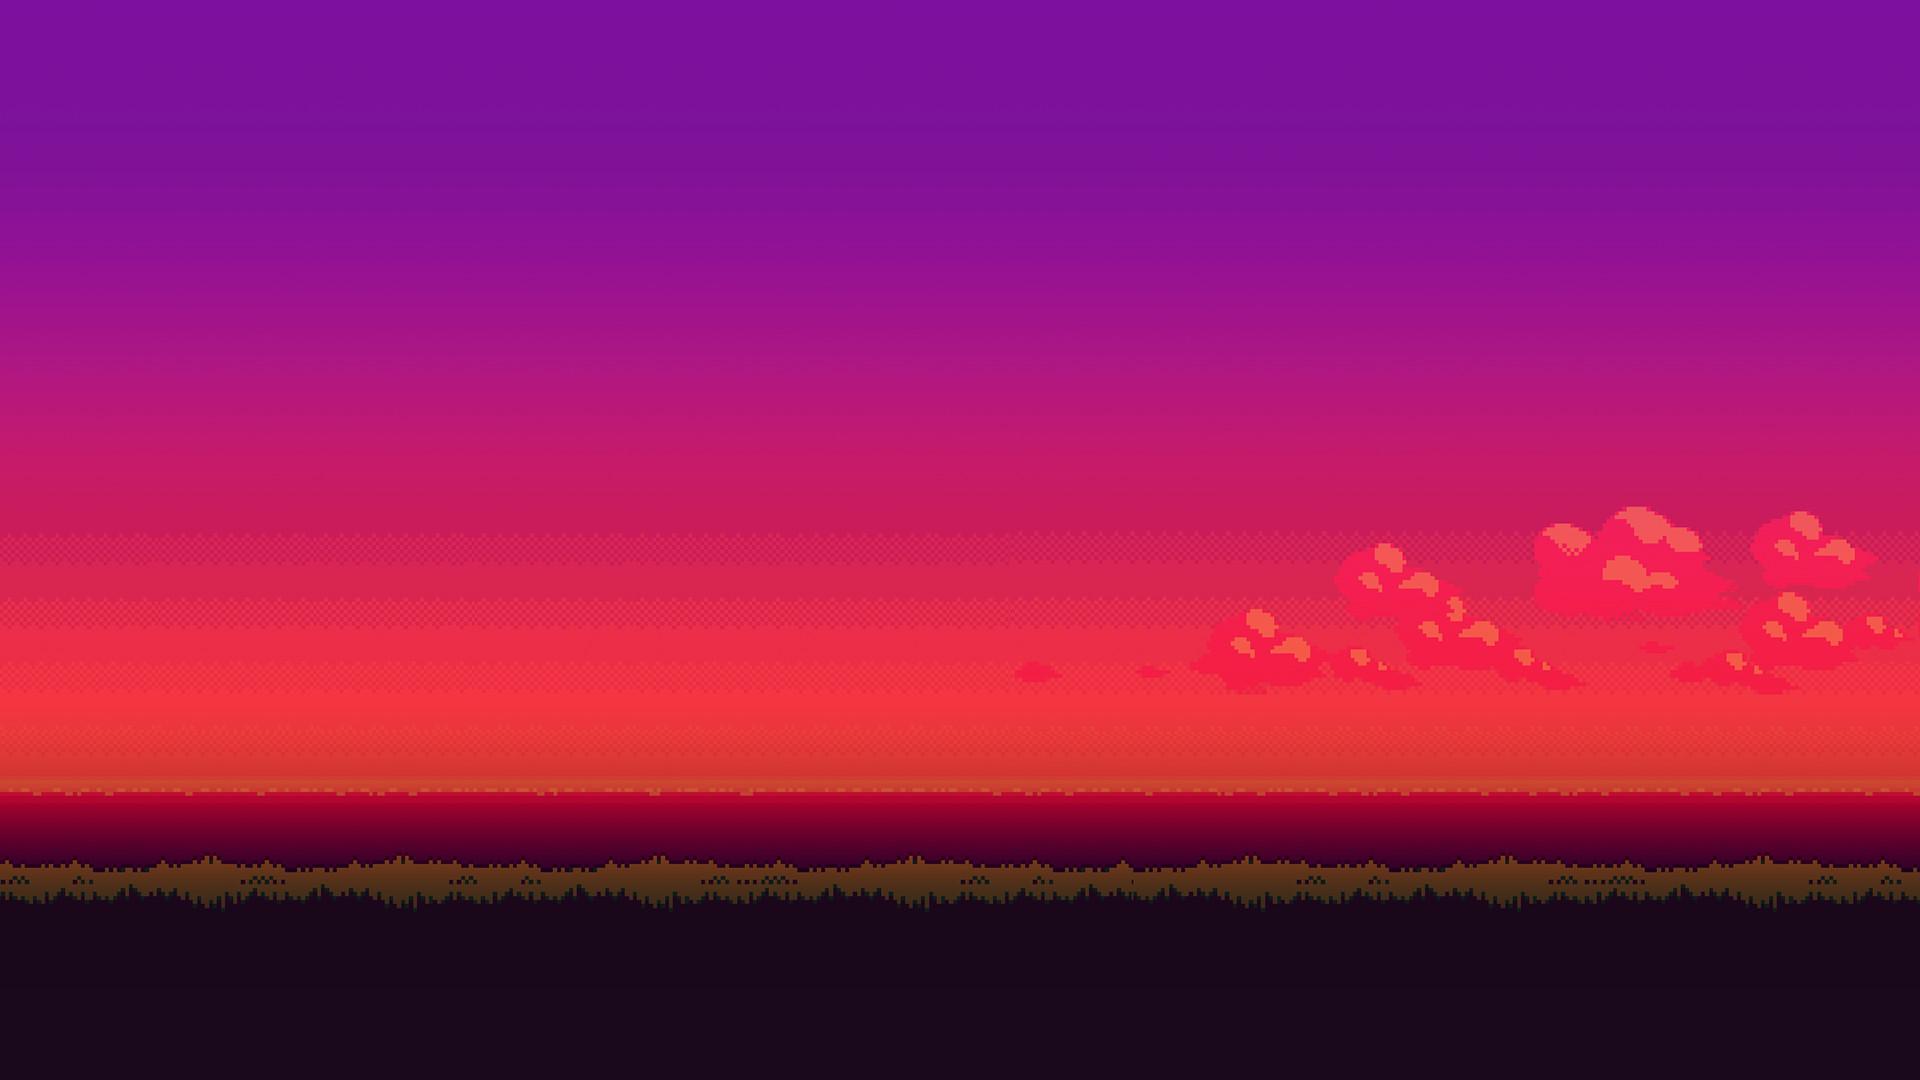 General sunset 16-bit pixel art landscape